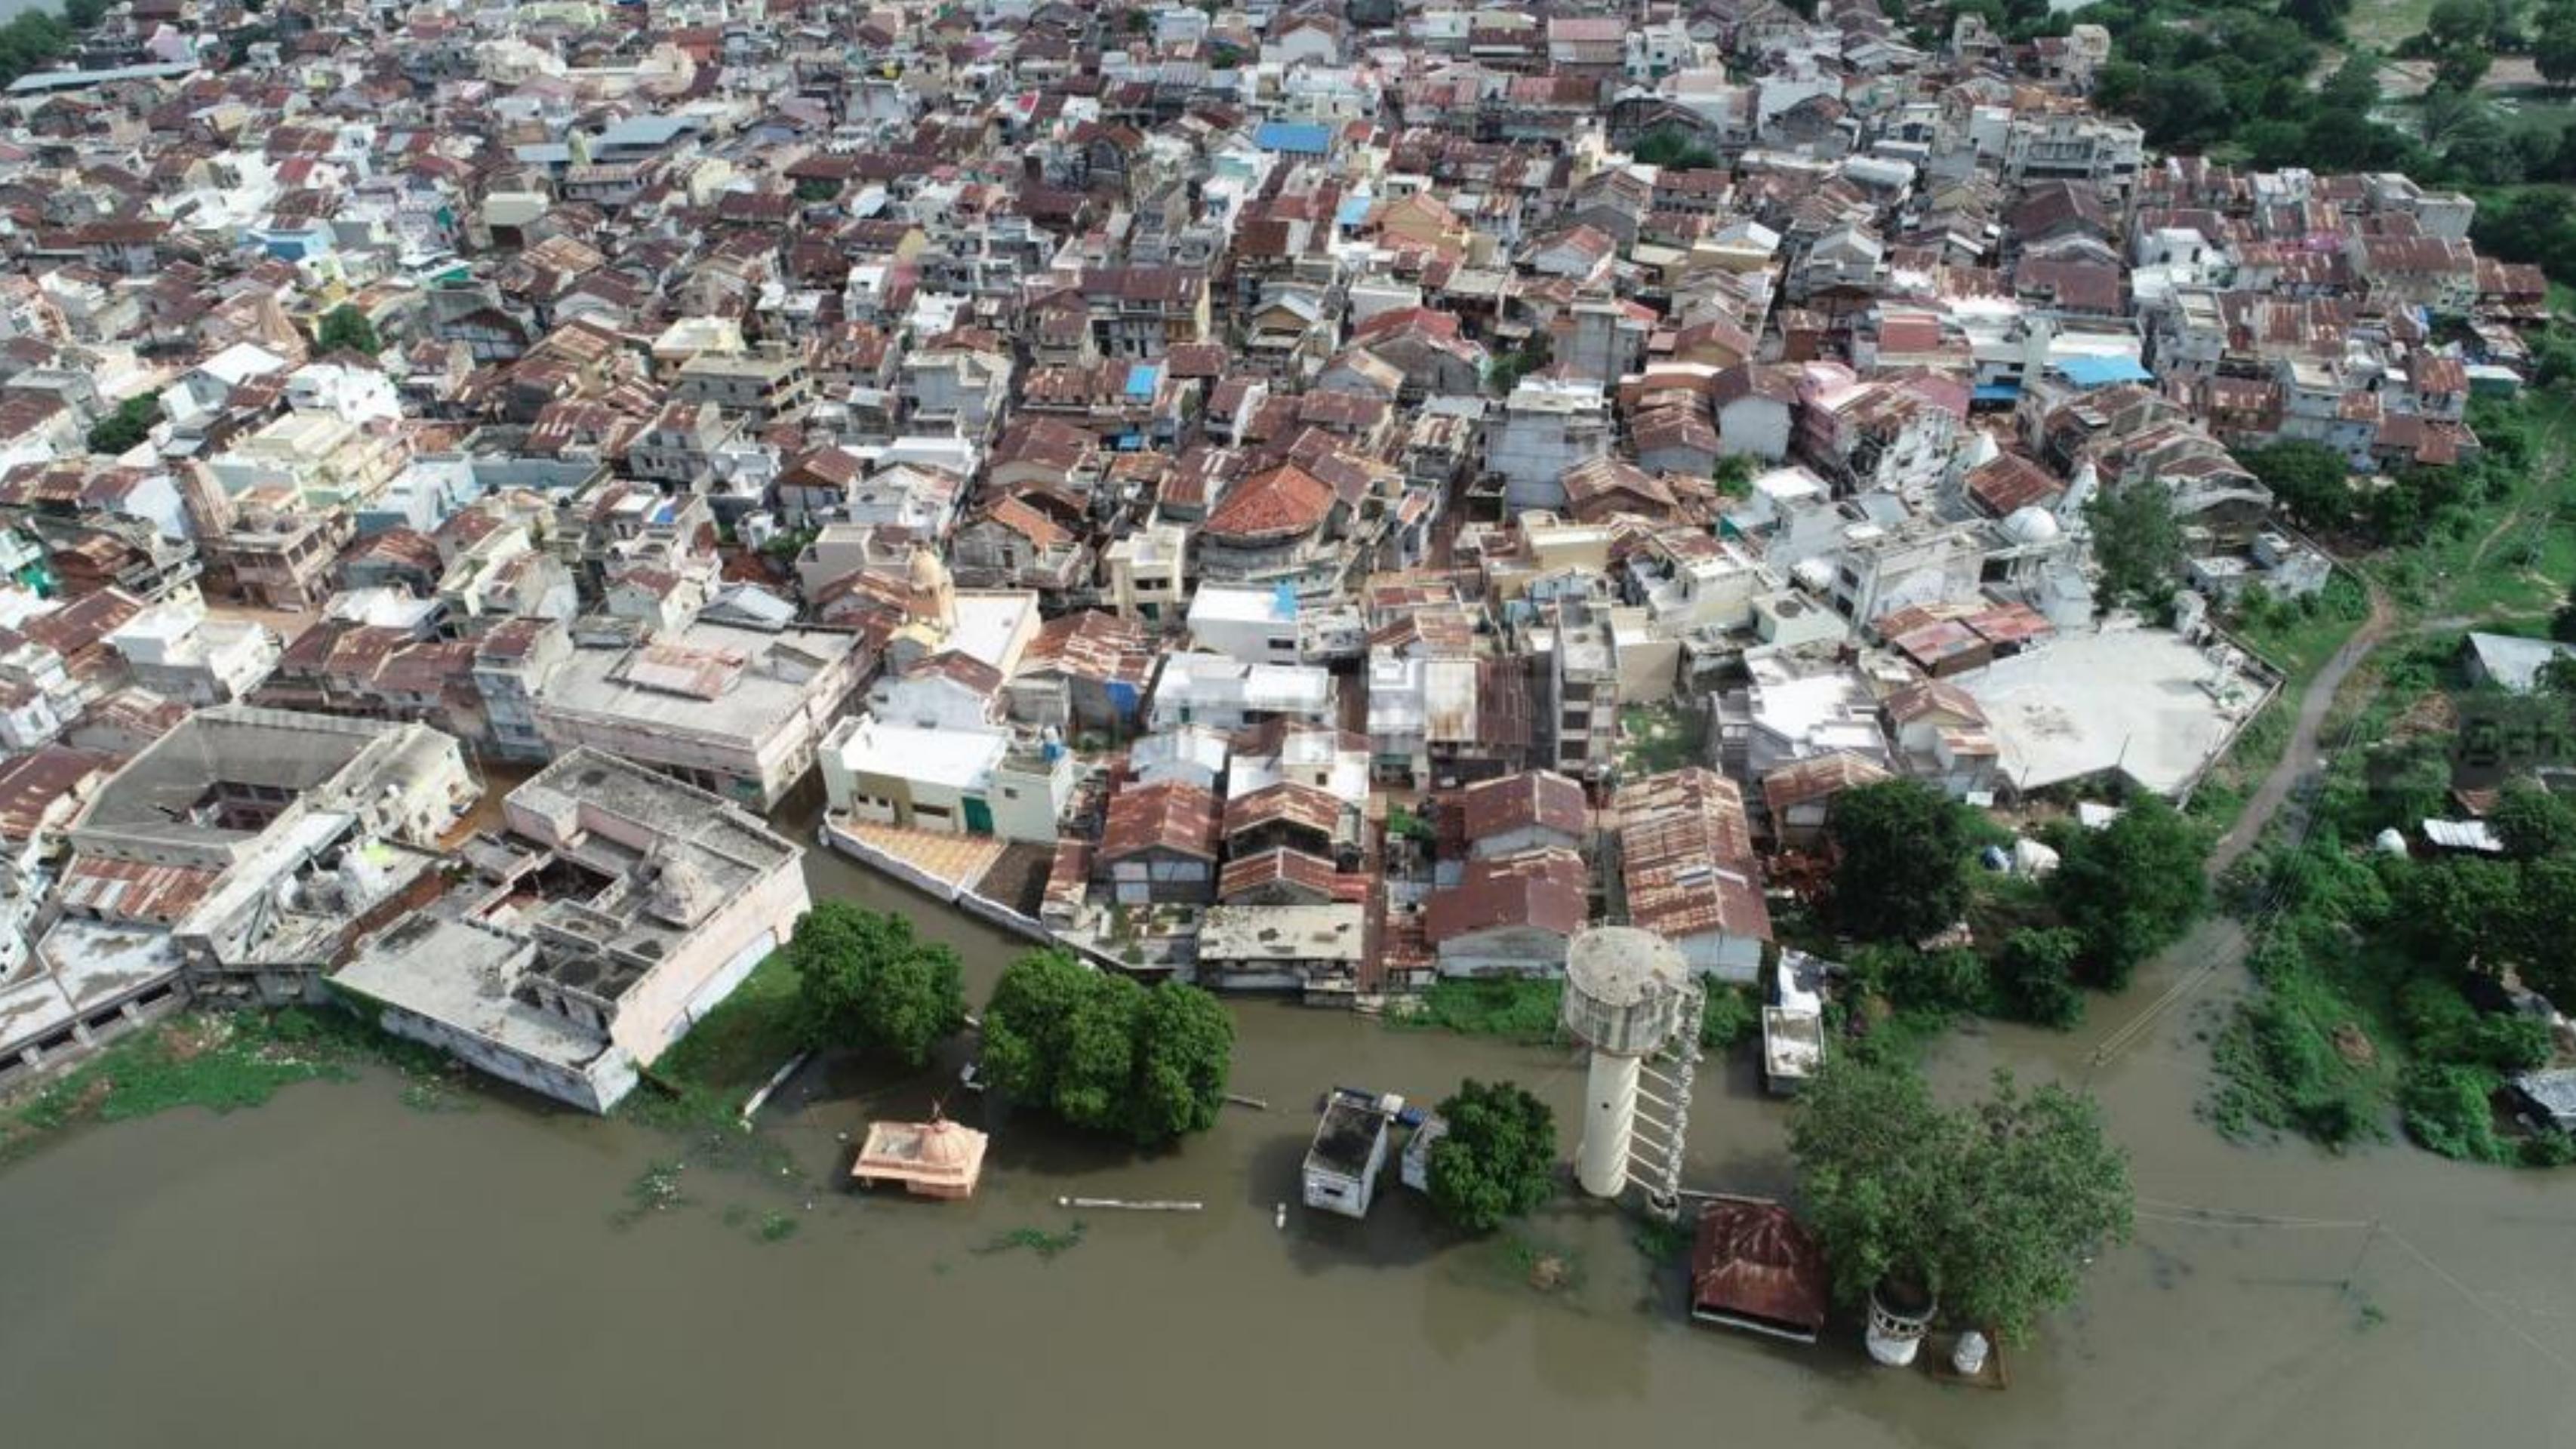 Photo of આણંદ જિલ્લાના નાર ગામે ભારે વરસાદના કારણે સમગ્ર ગામમાં પાણી ફરીવળ્યું:જુઓ તસવીરો